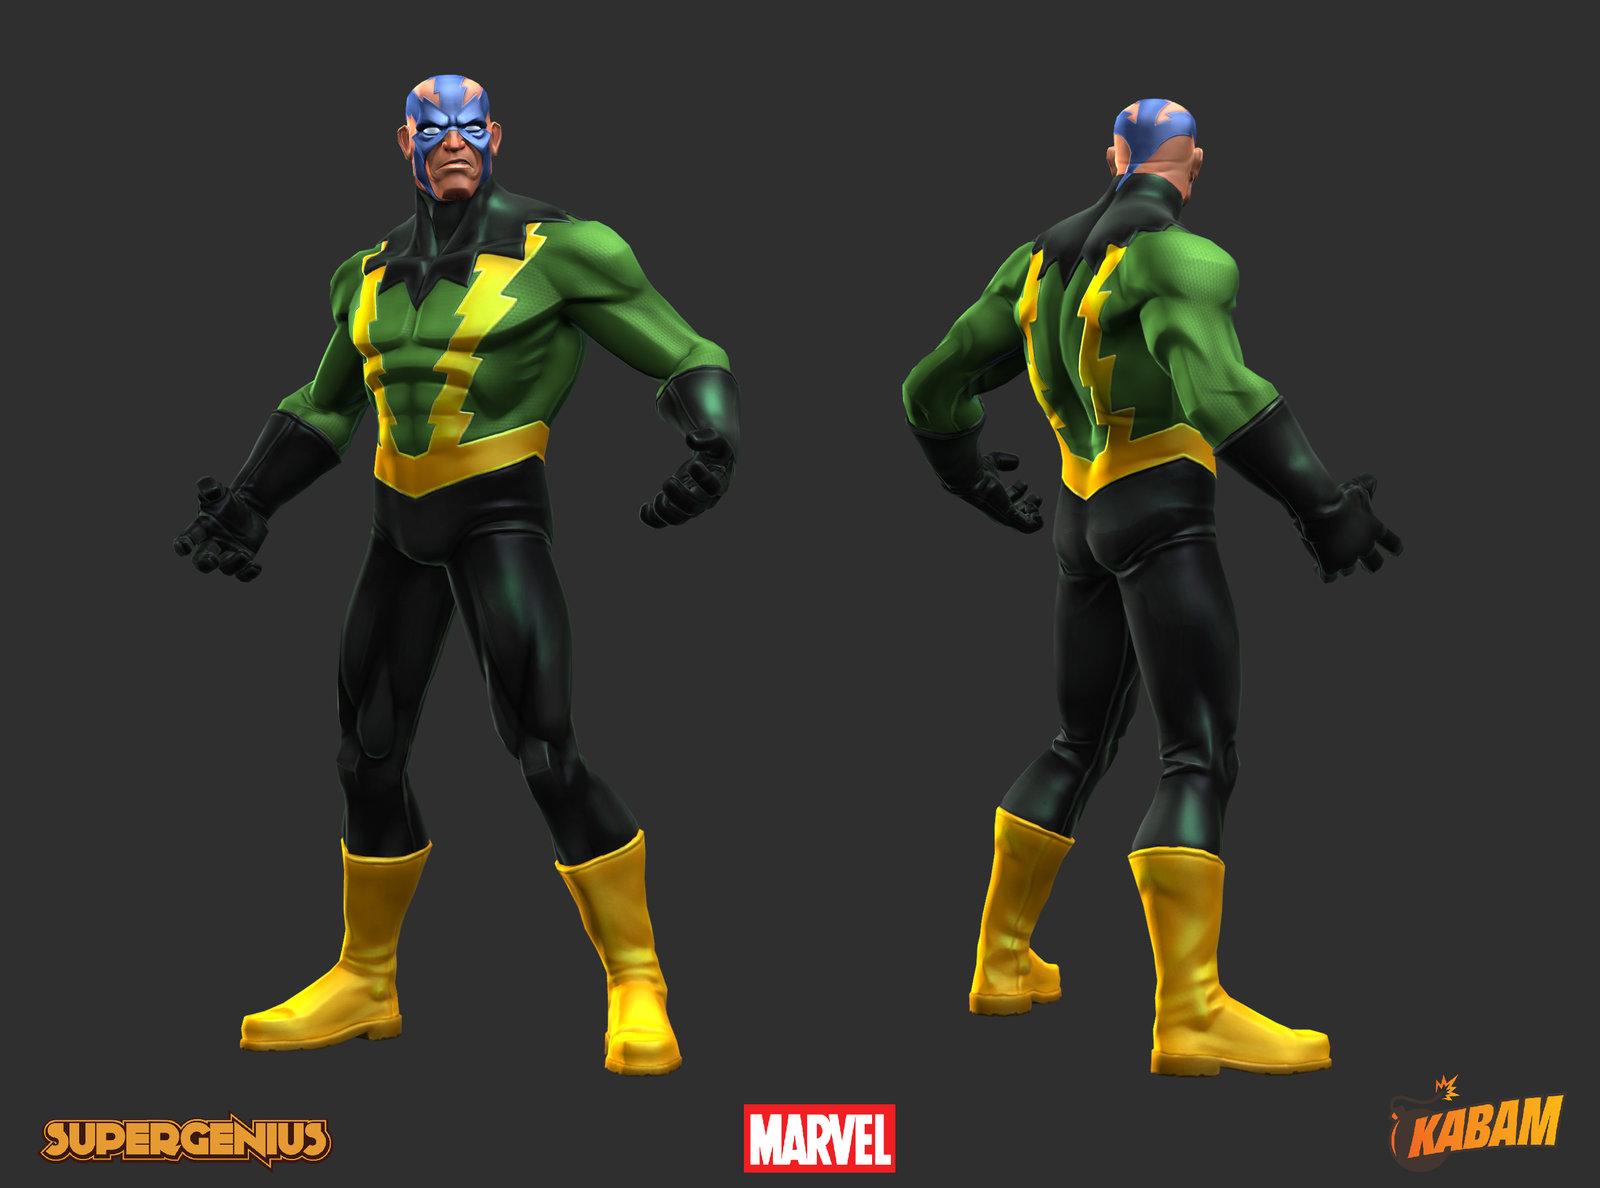 Marvel: Electro